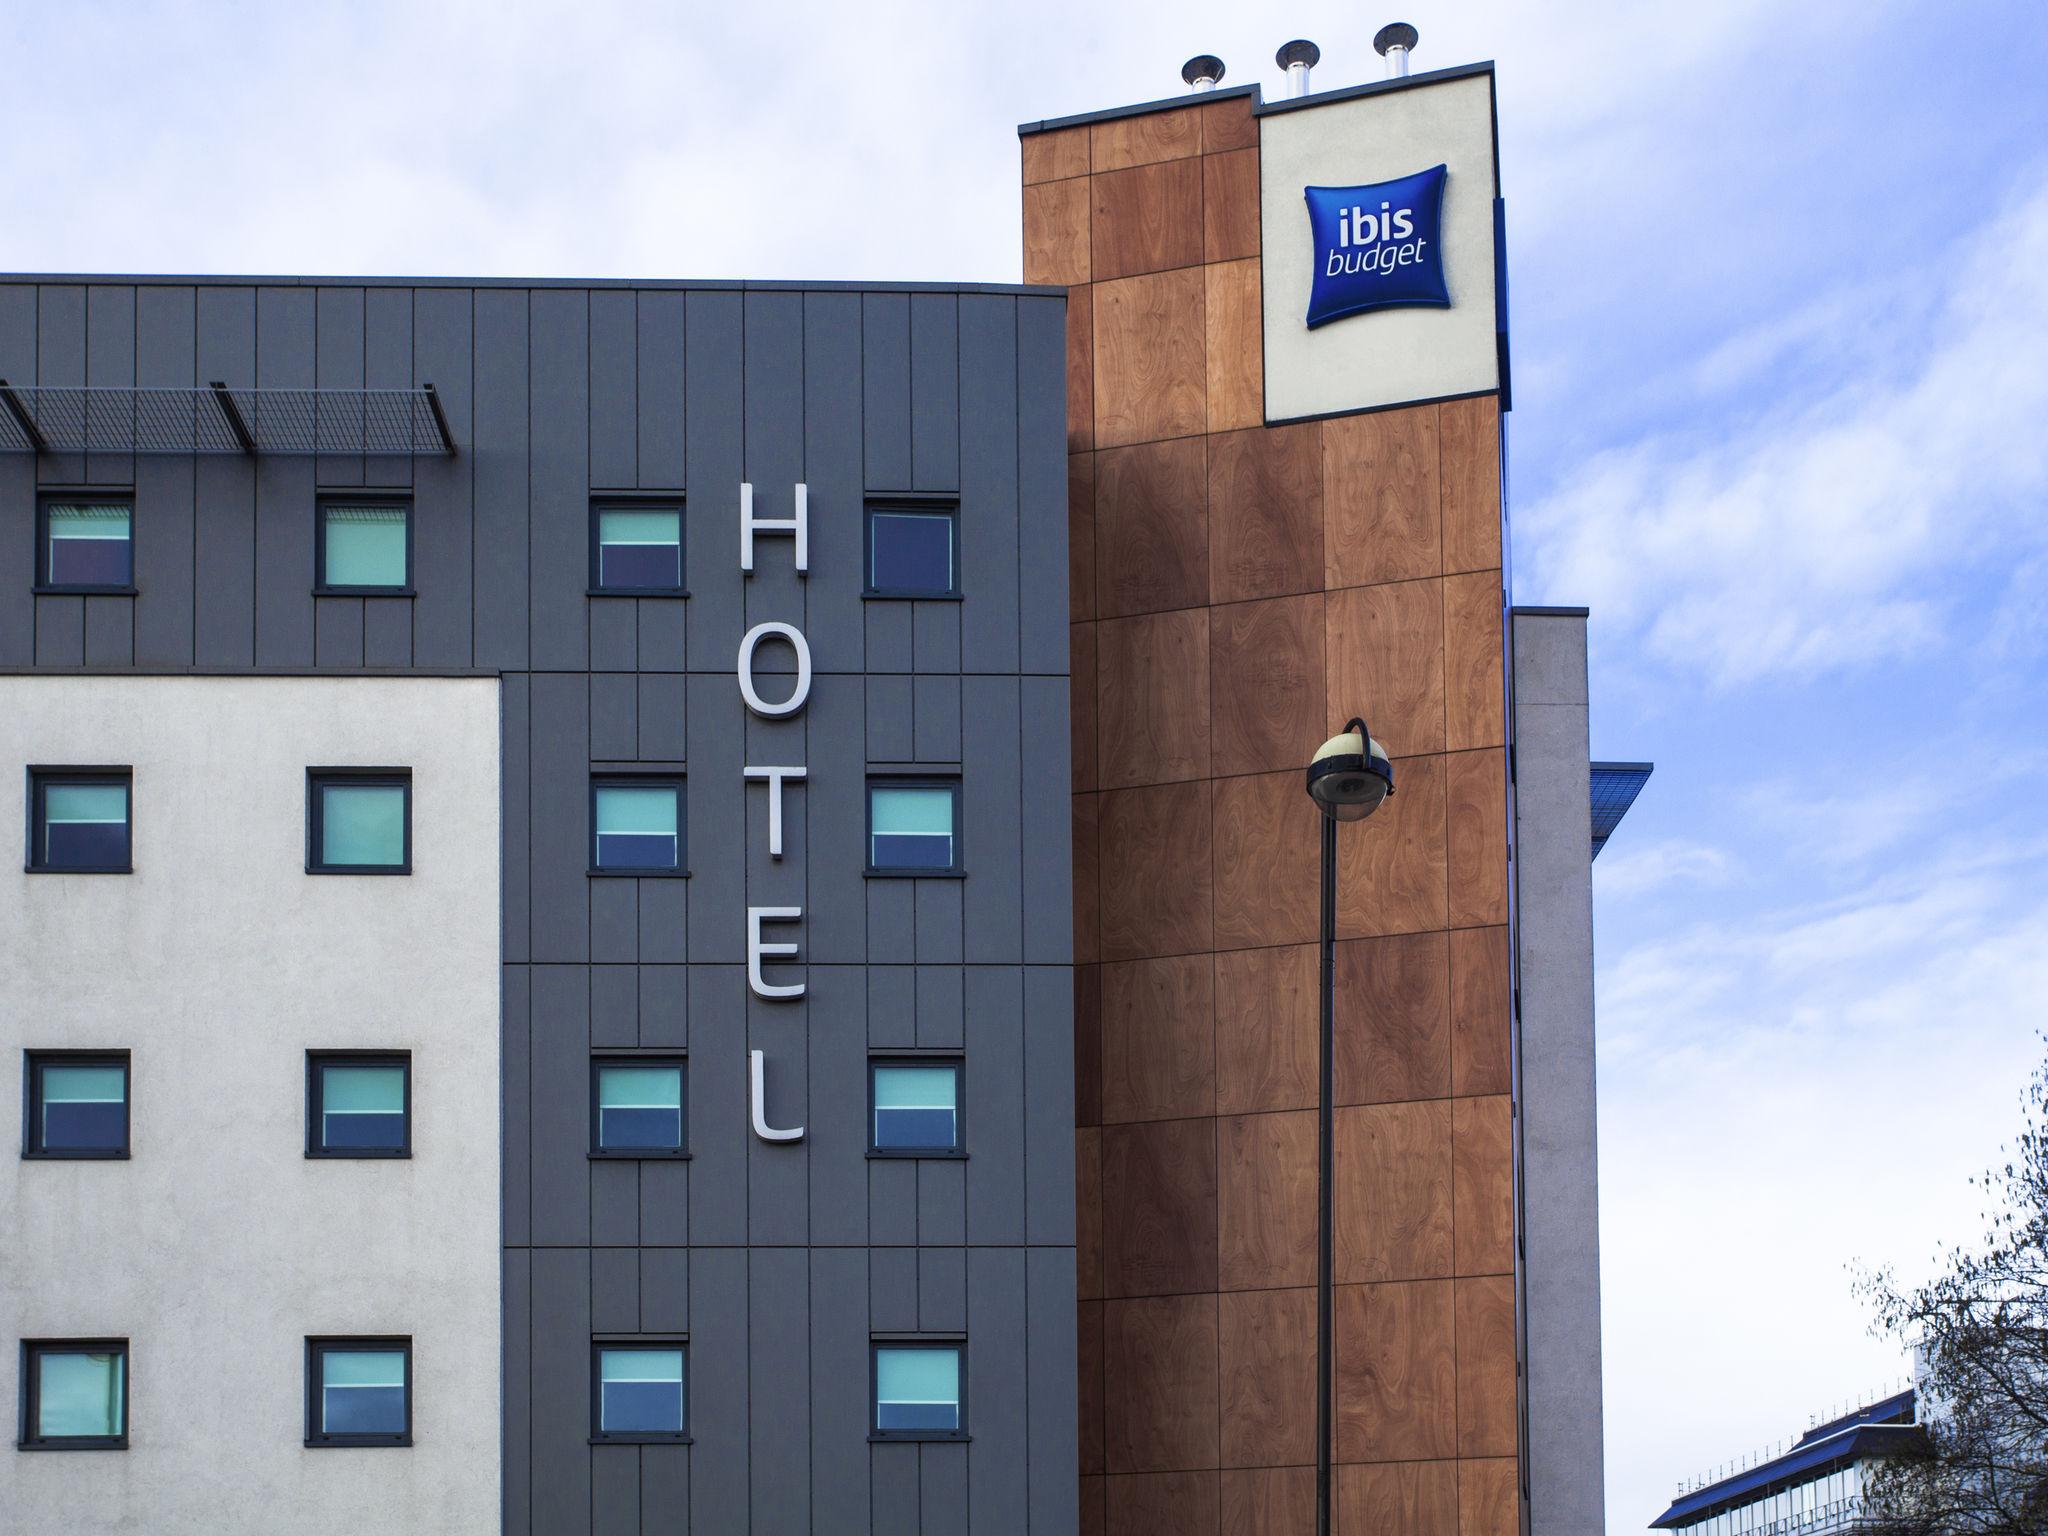 โรงแรม – ไอบิส บัดเจ็ท ลอนดอน ฮาวน์สโลว